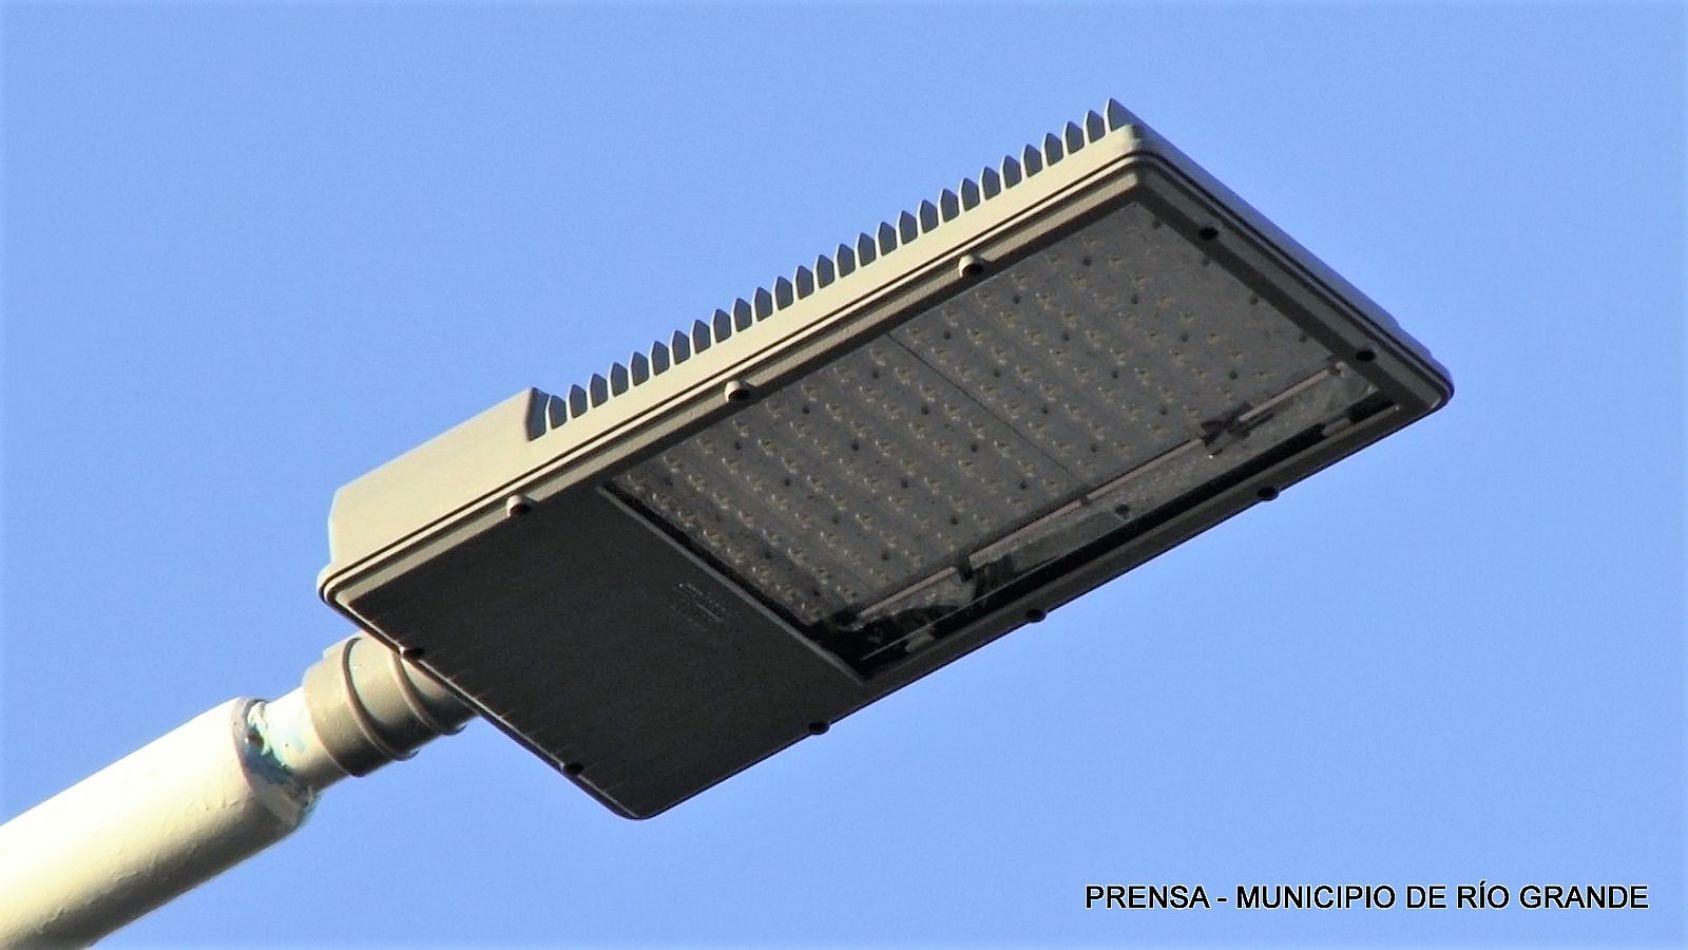 Luminarias led nuevas en Río Grande.